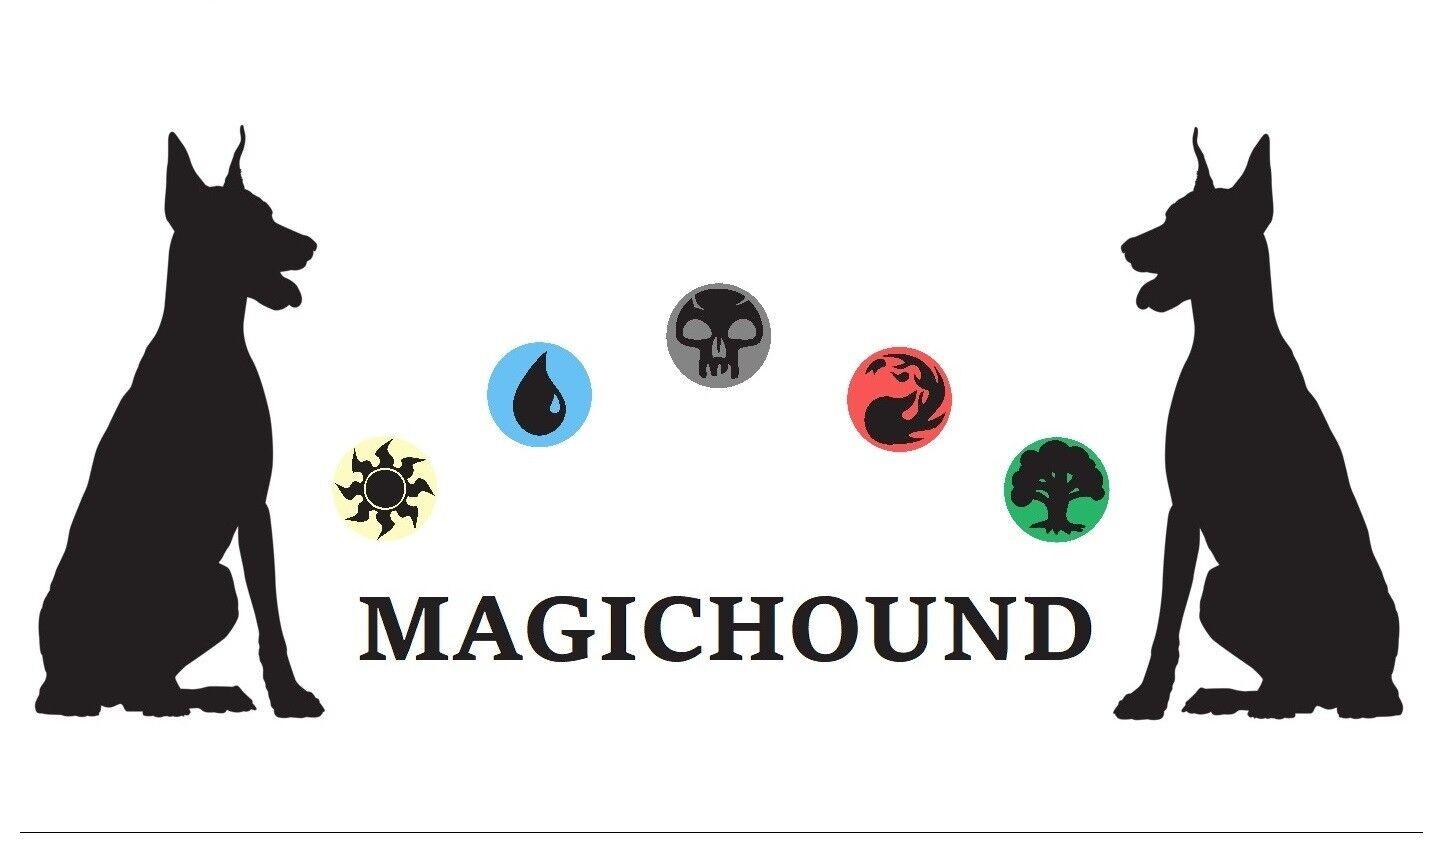 MagicHound